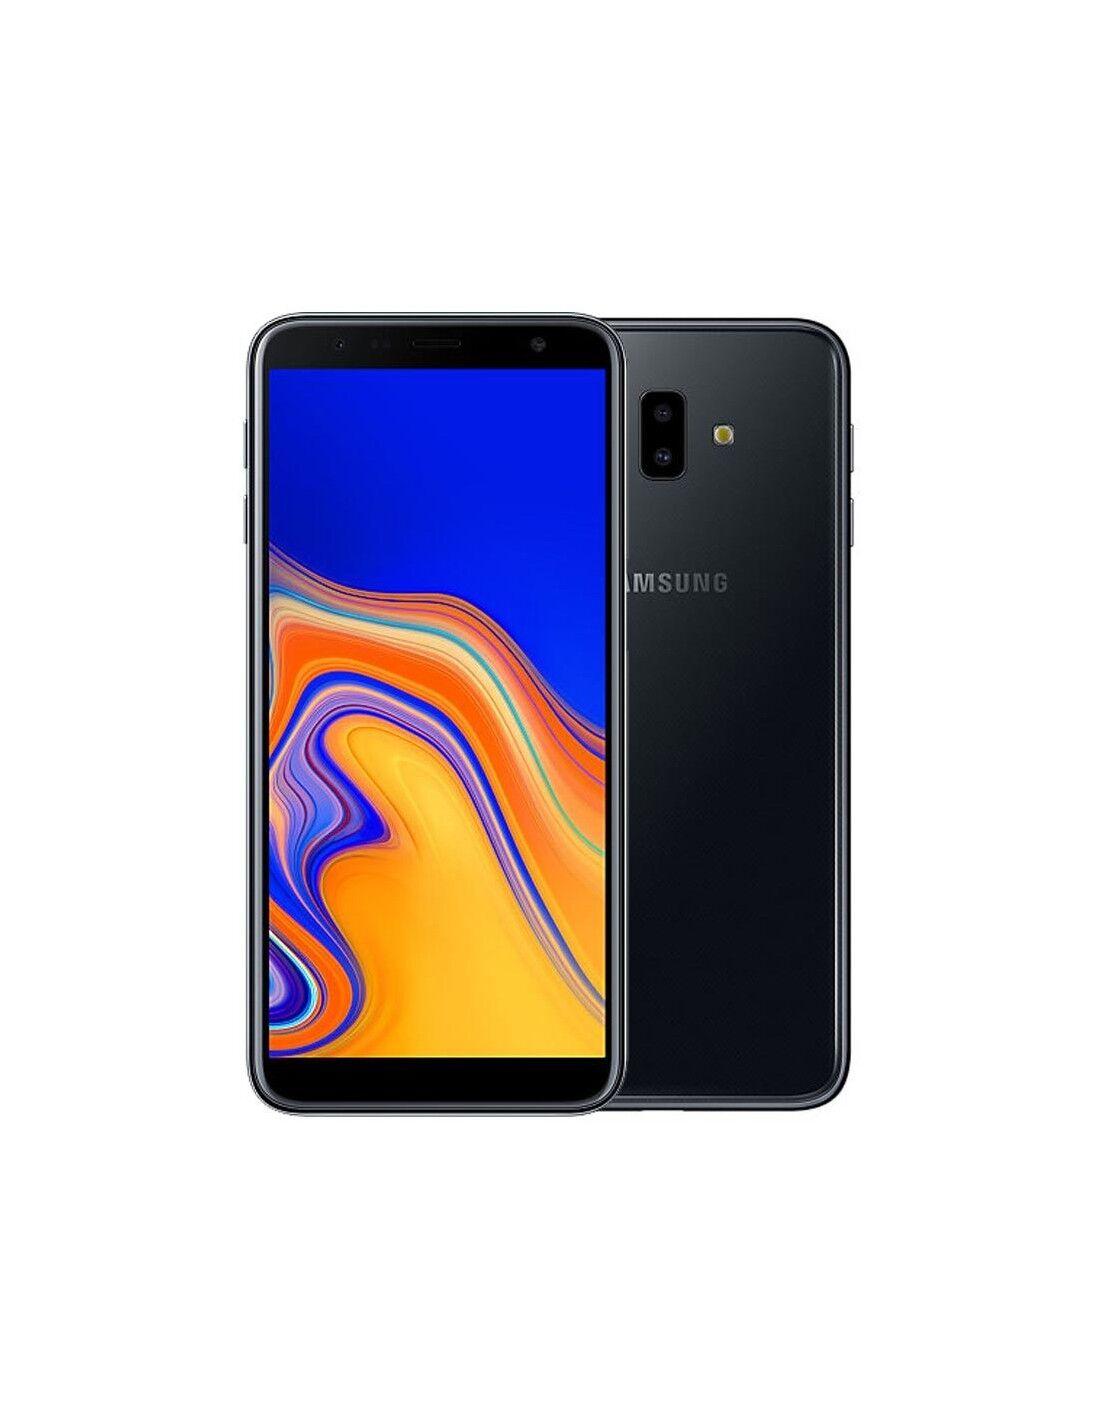 Samsung Galaxy J6+ 32GB Black